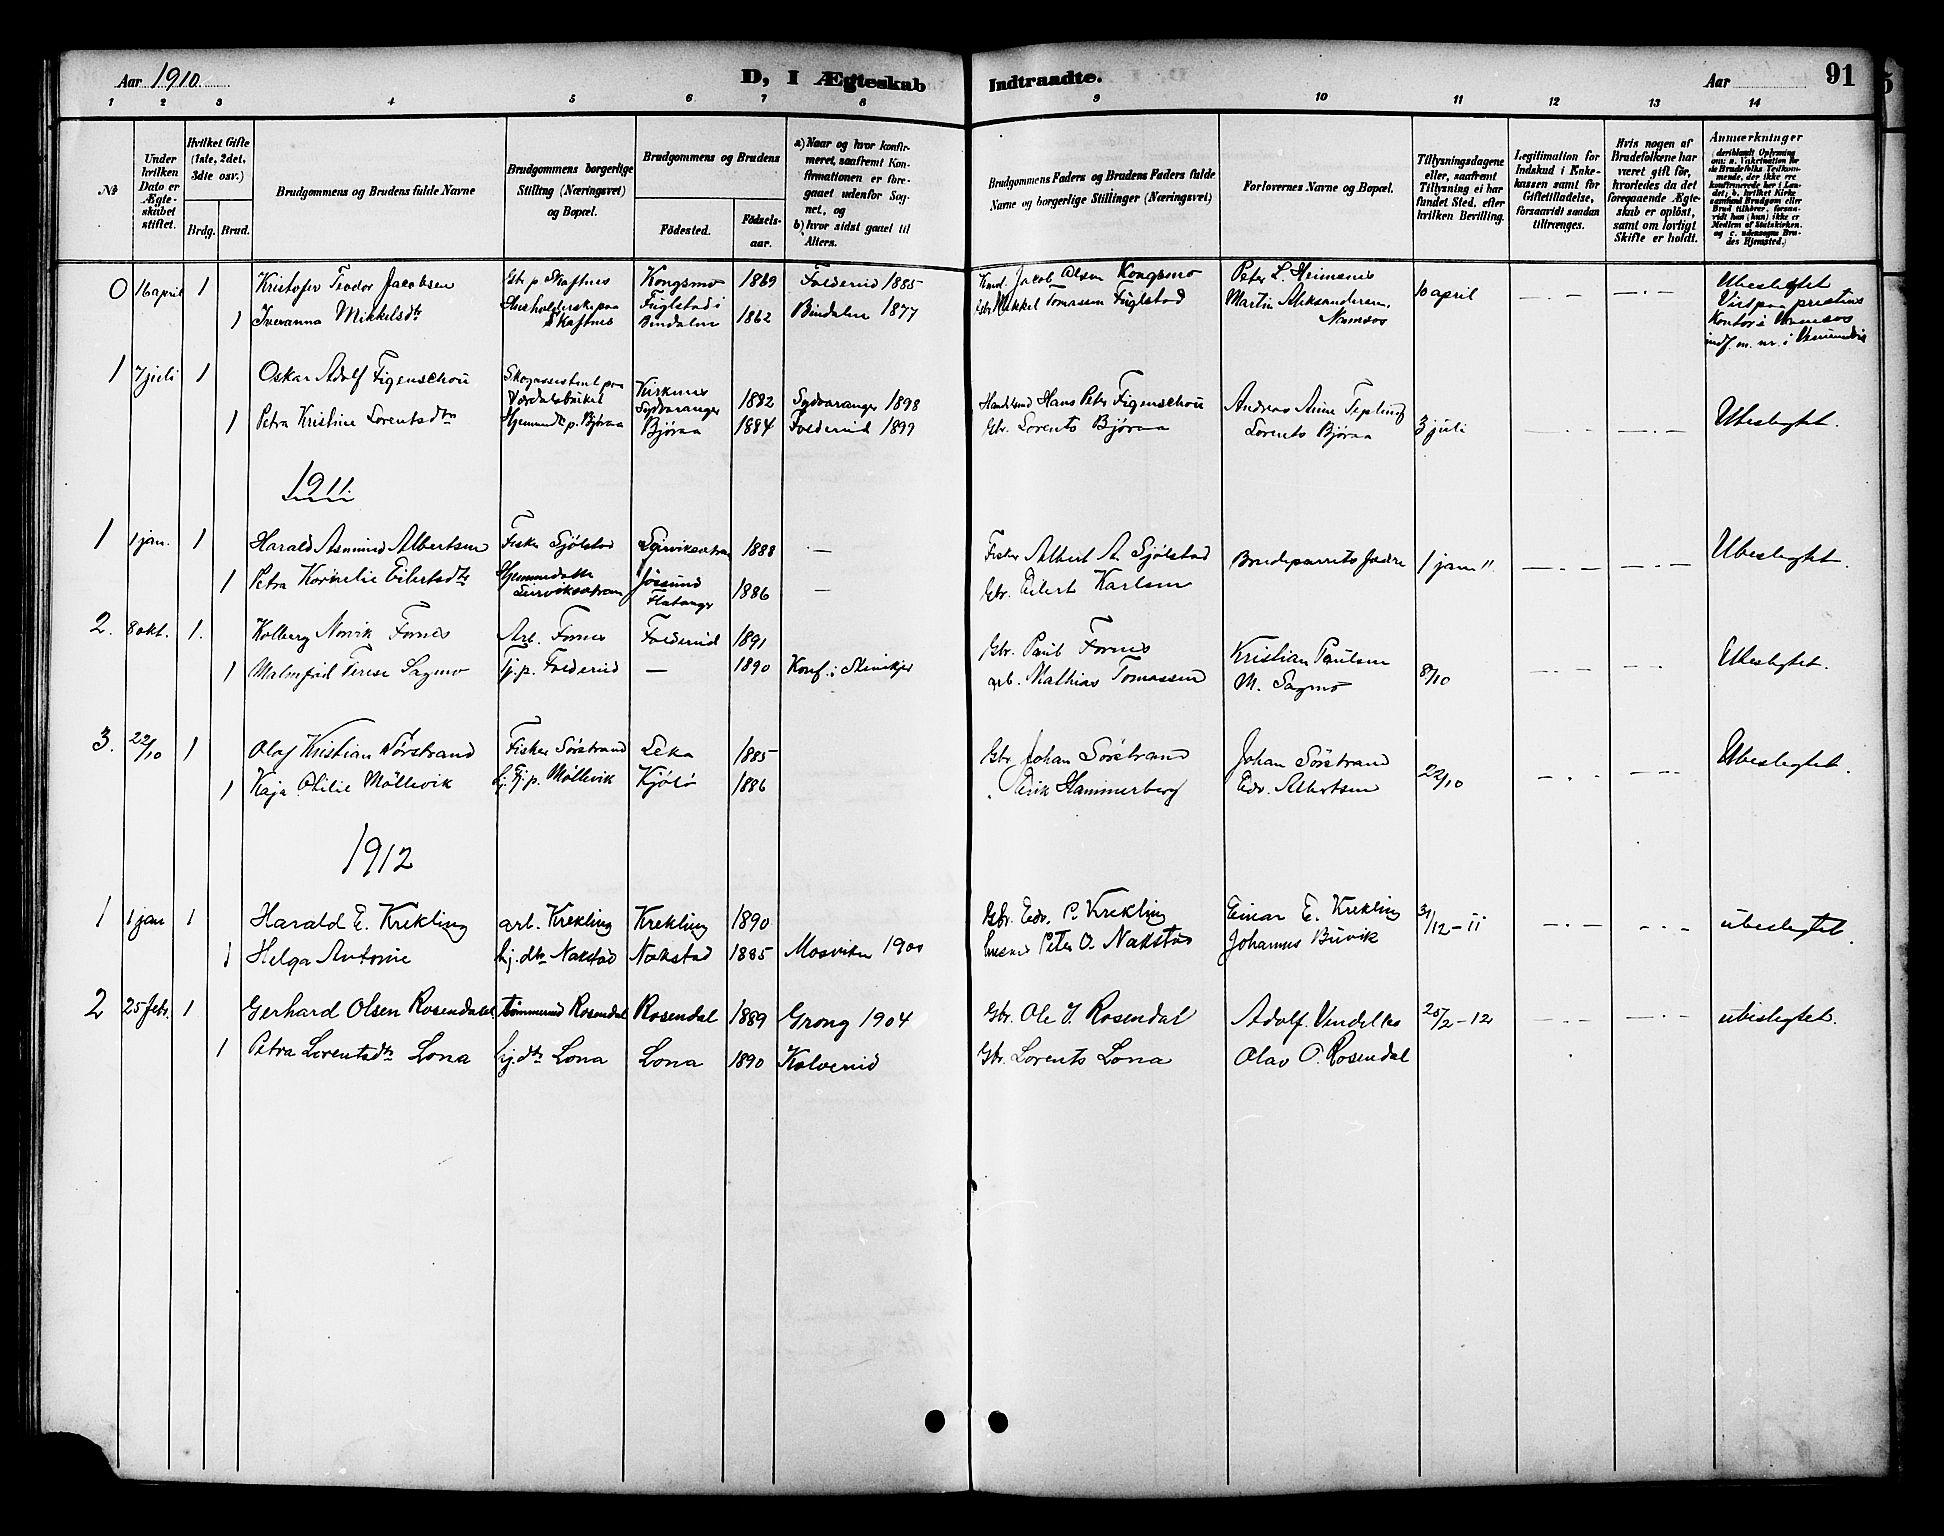 SAT, Ministerialprotokoller, klokkerbøker og fødselsregistre - Nord-Trøndelag, 783/L0662: Klokkerbok nr. 783C02, 1894-1919, s. 91